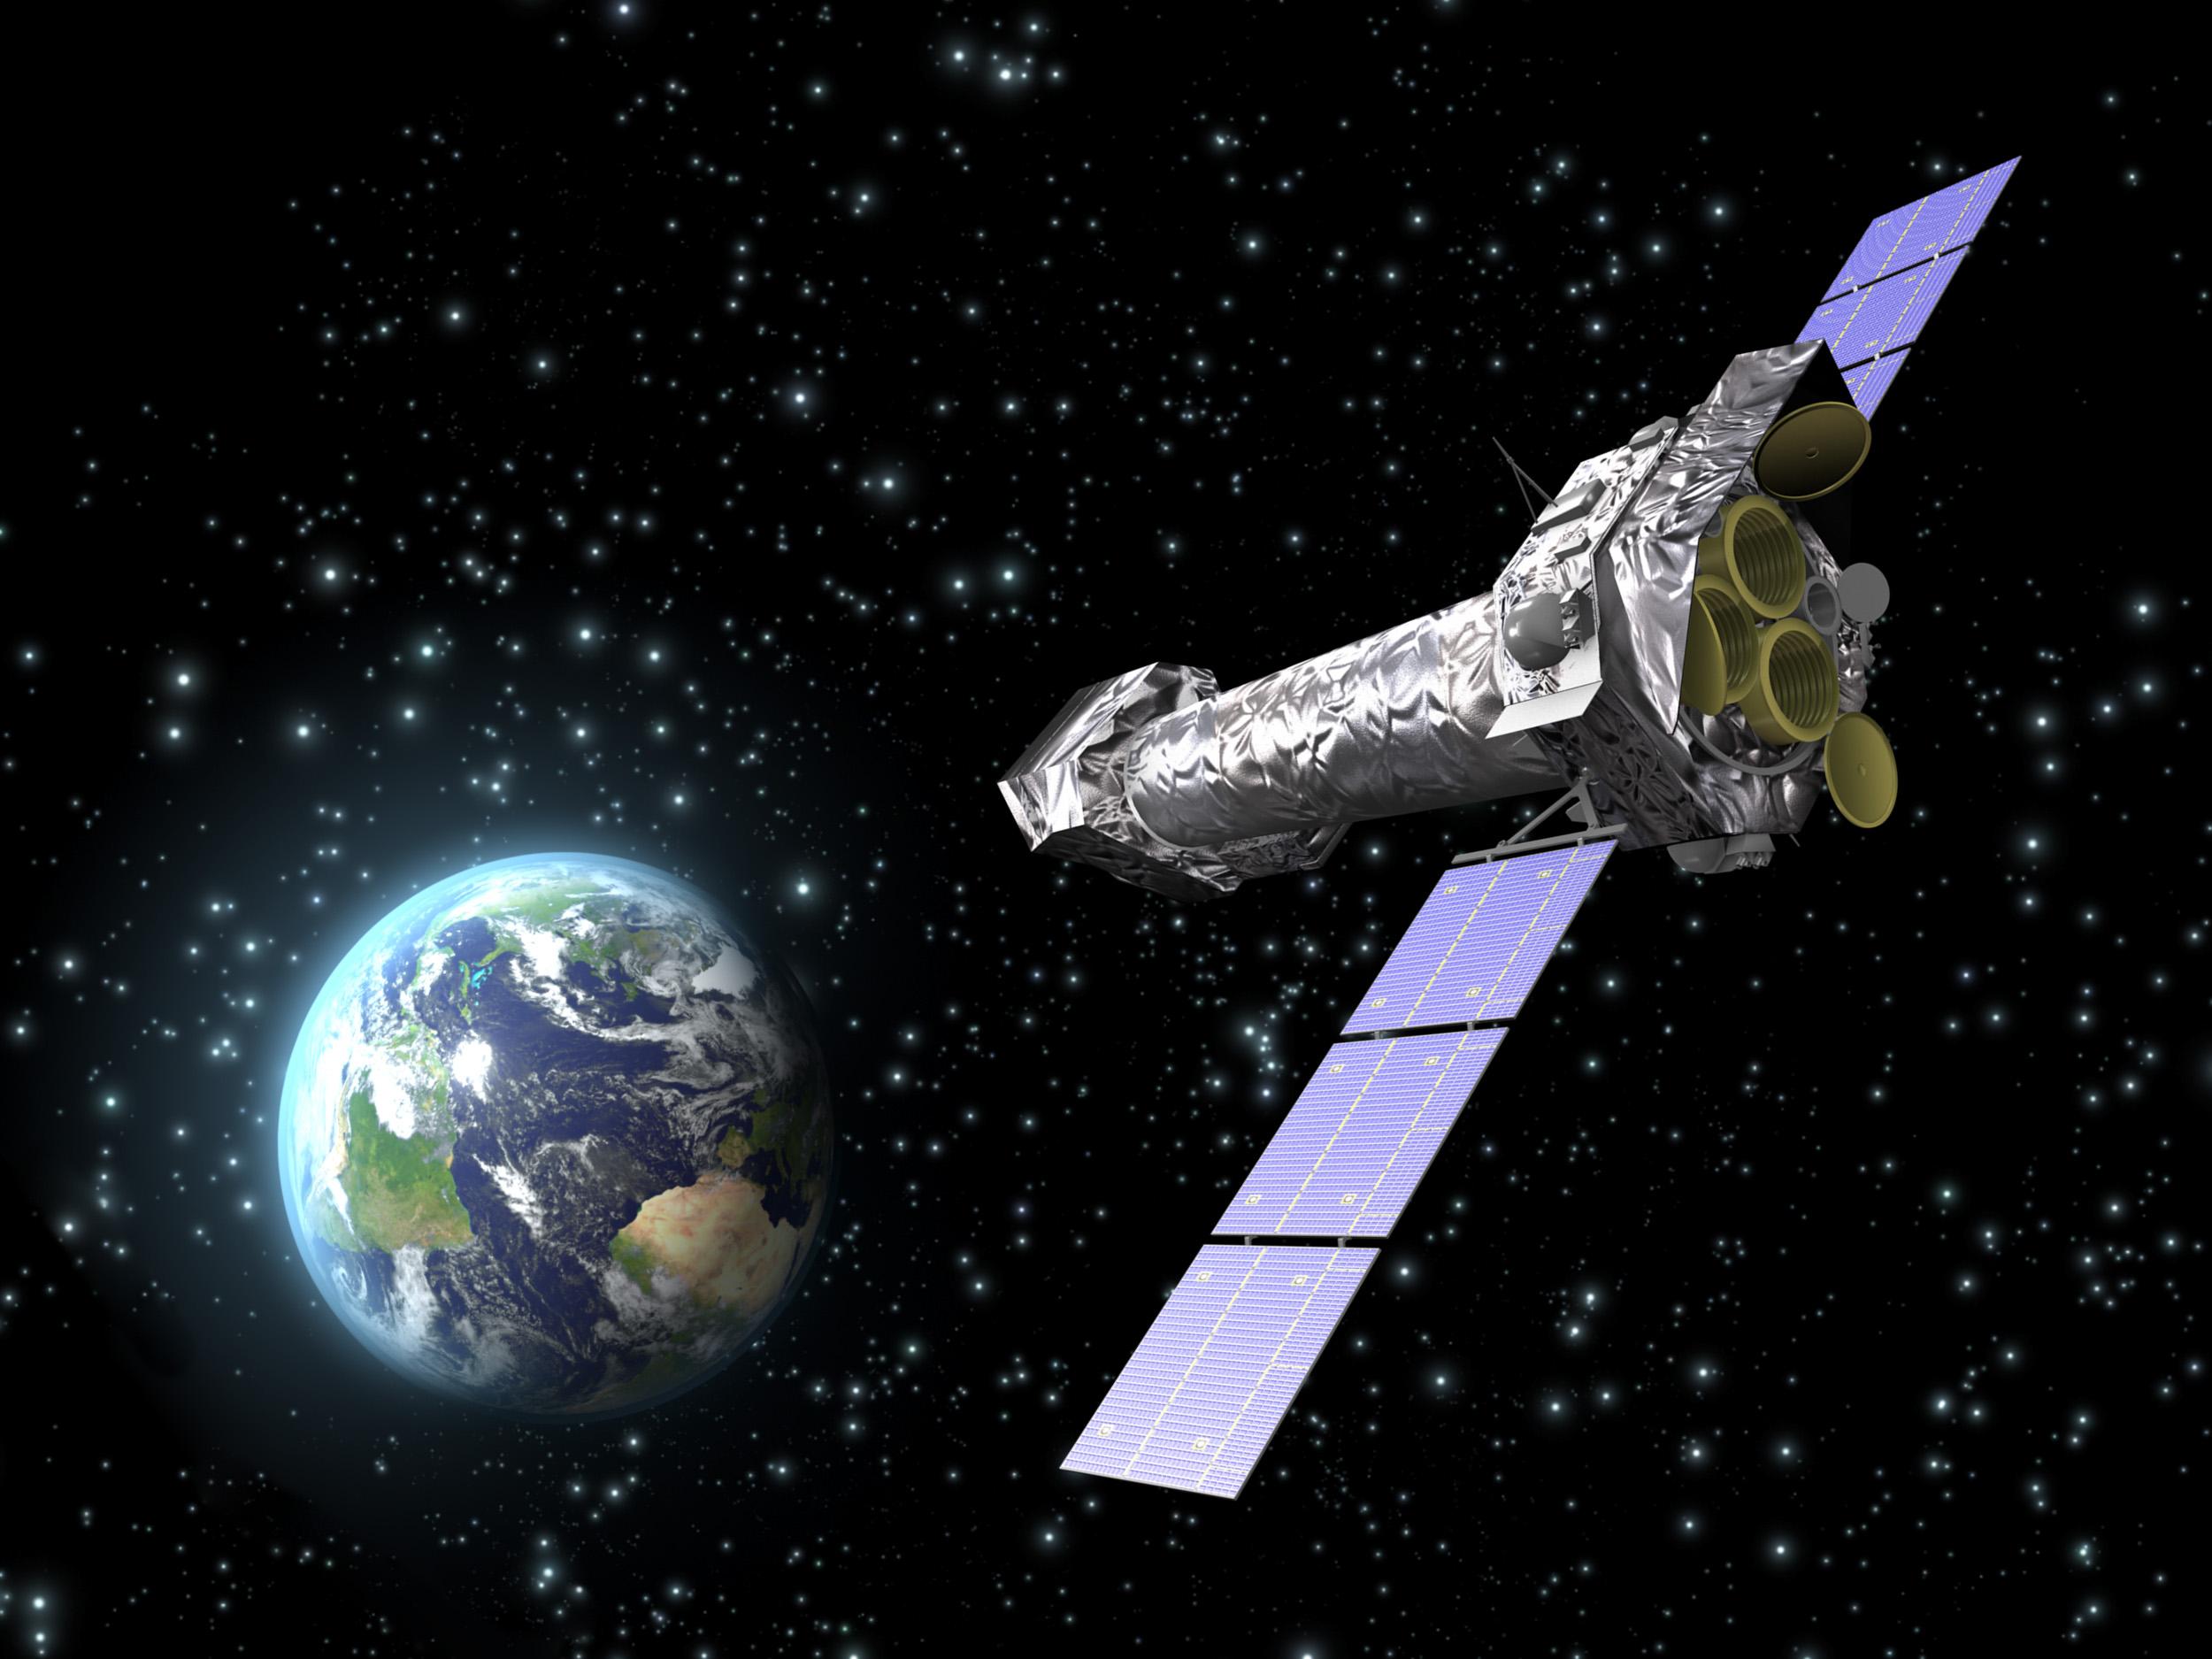 Наблюдения при помощи космических рентгеновских телескопов поставили перед учёными новую космологическую загадку.